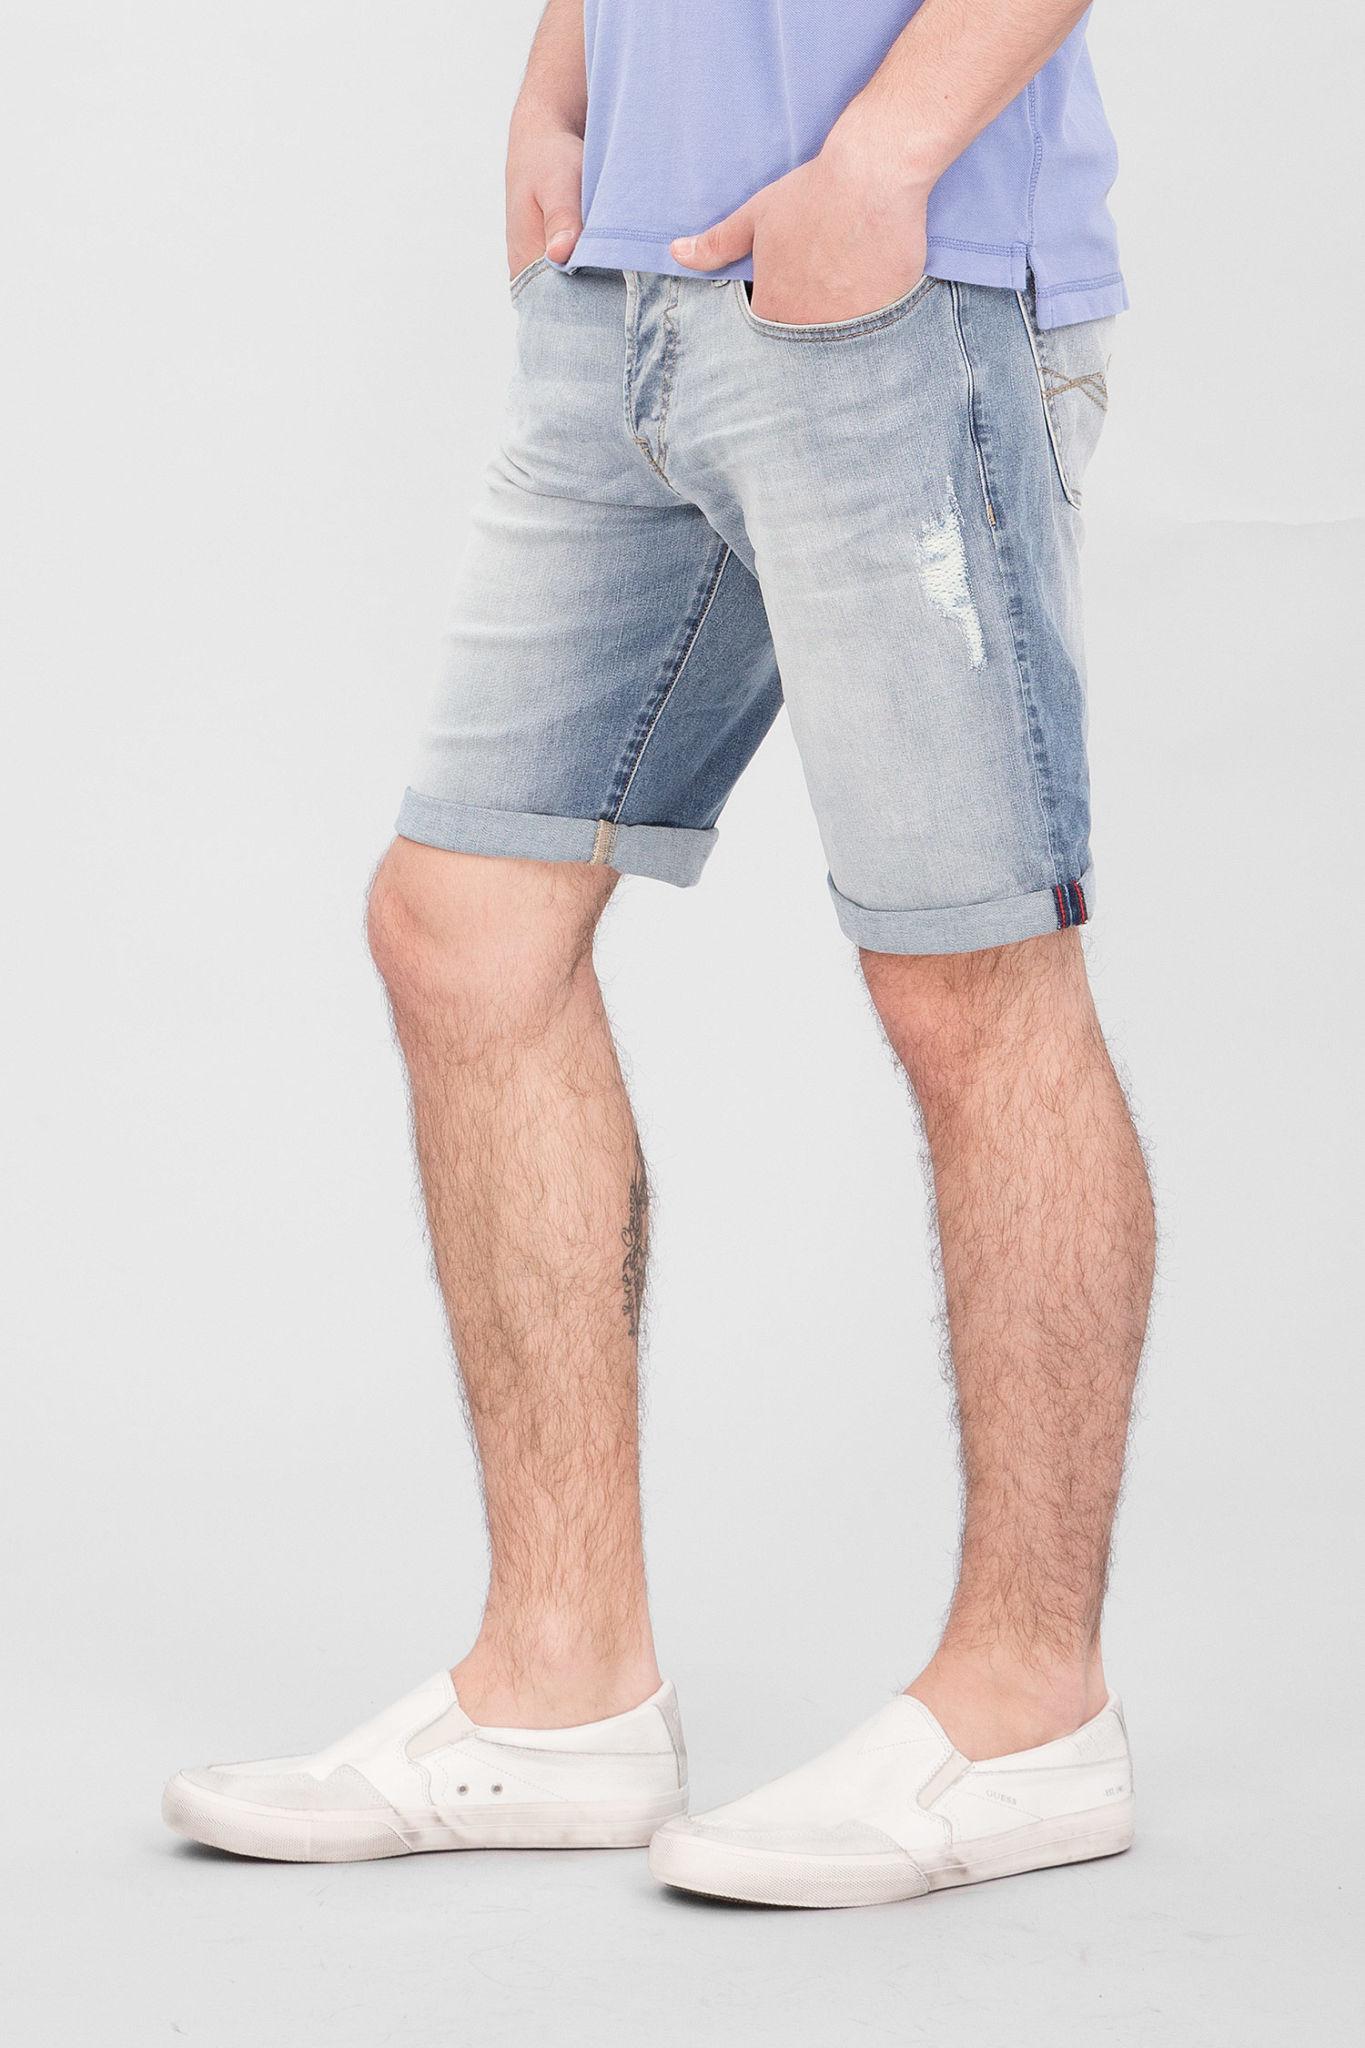 мужская мода весна 2019 основные тенденции: шорты из денима потертые